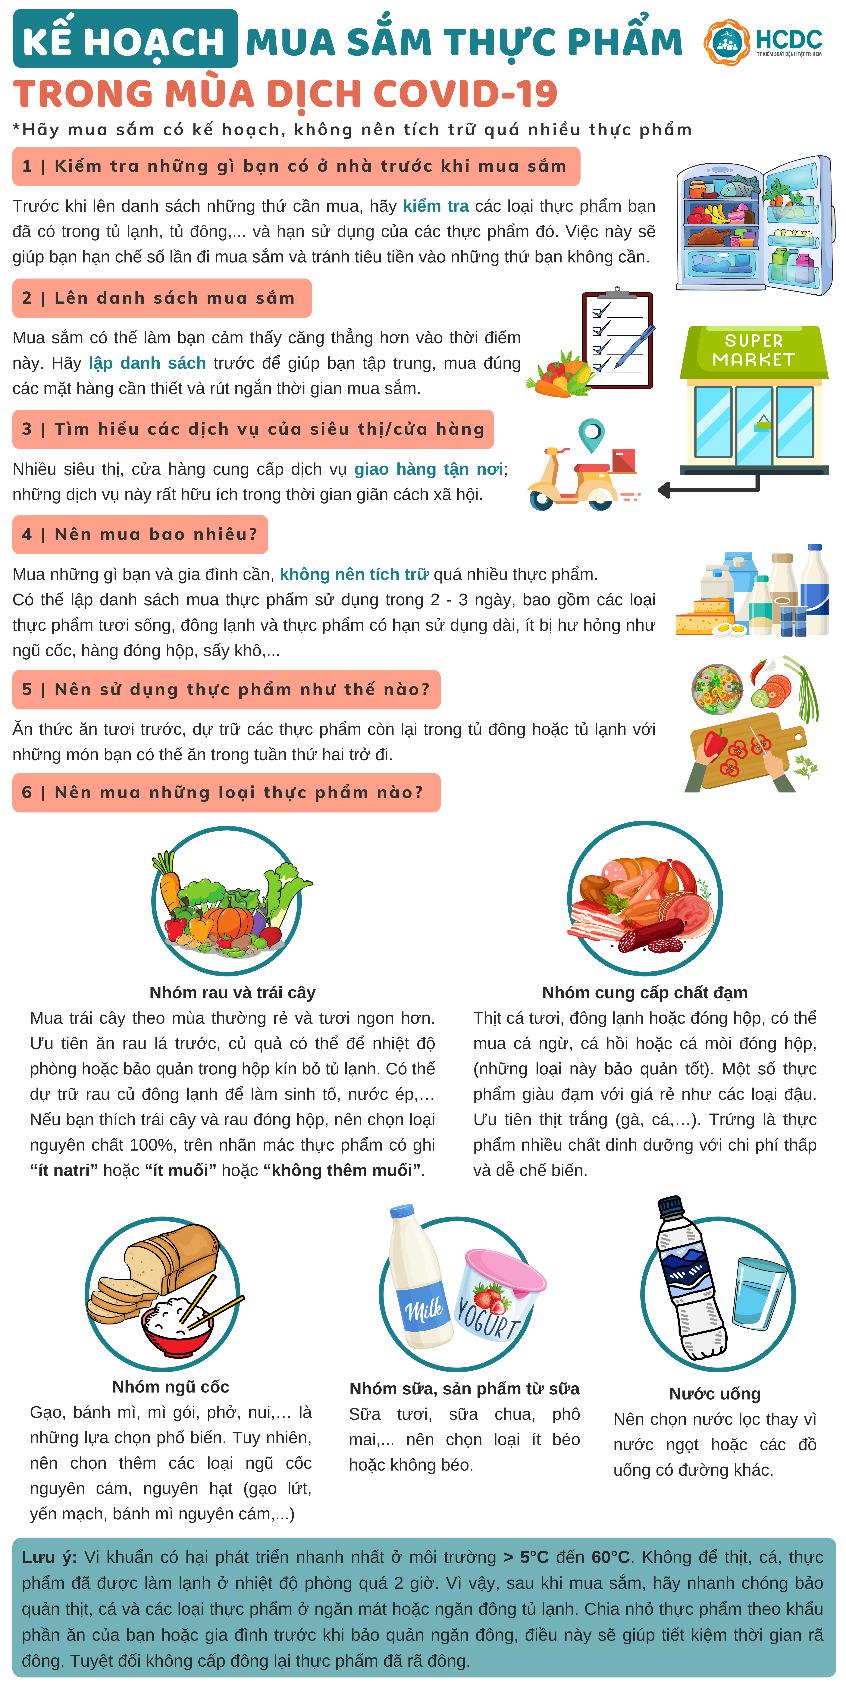 Kế hoạch mua sắm thực phẩm trong mùa dịch COVID-19